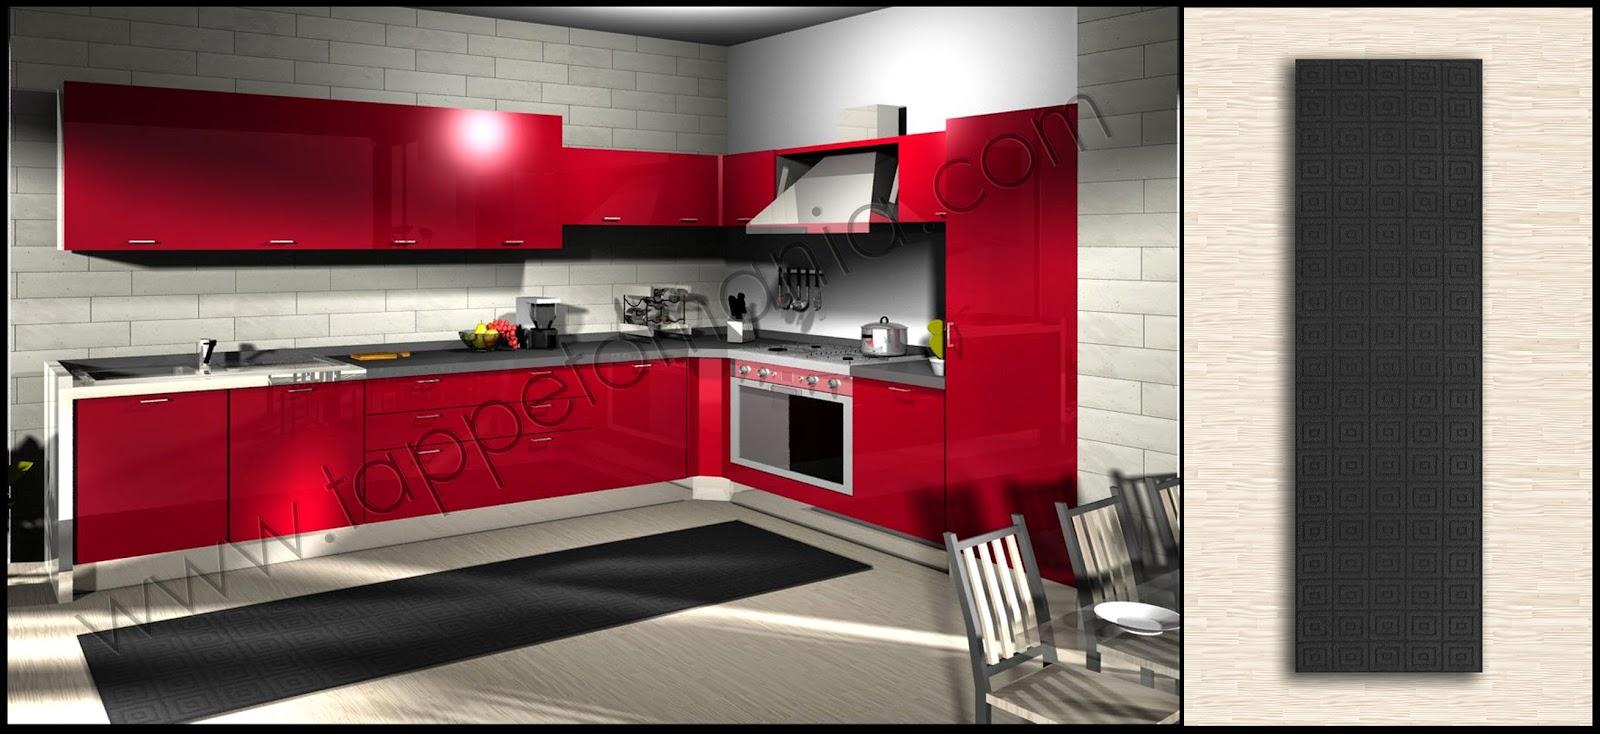 Piastrelle Bagno Prezzi Offerte.Piastrelle Bagno Prezzi Bassi Elegant Piano Cucina Ikea In Granito